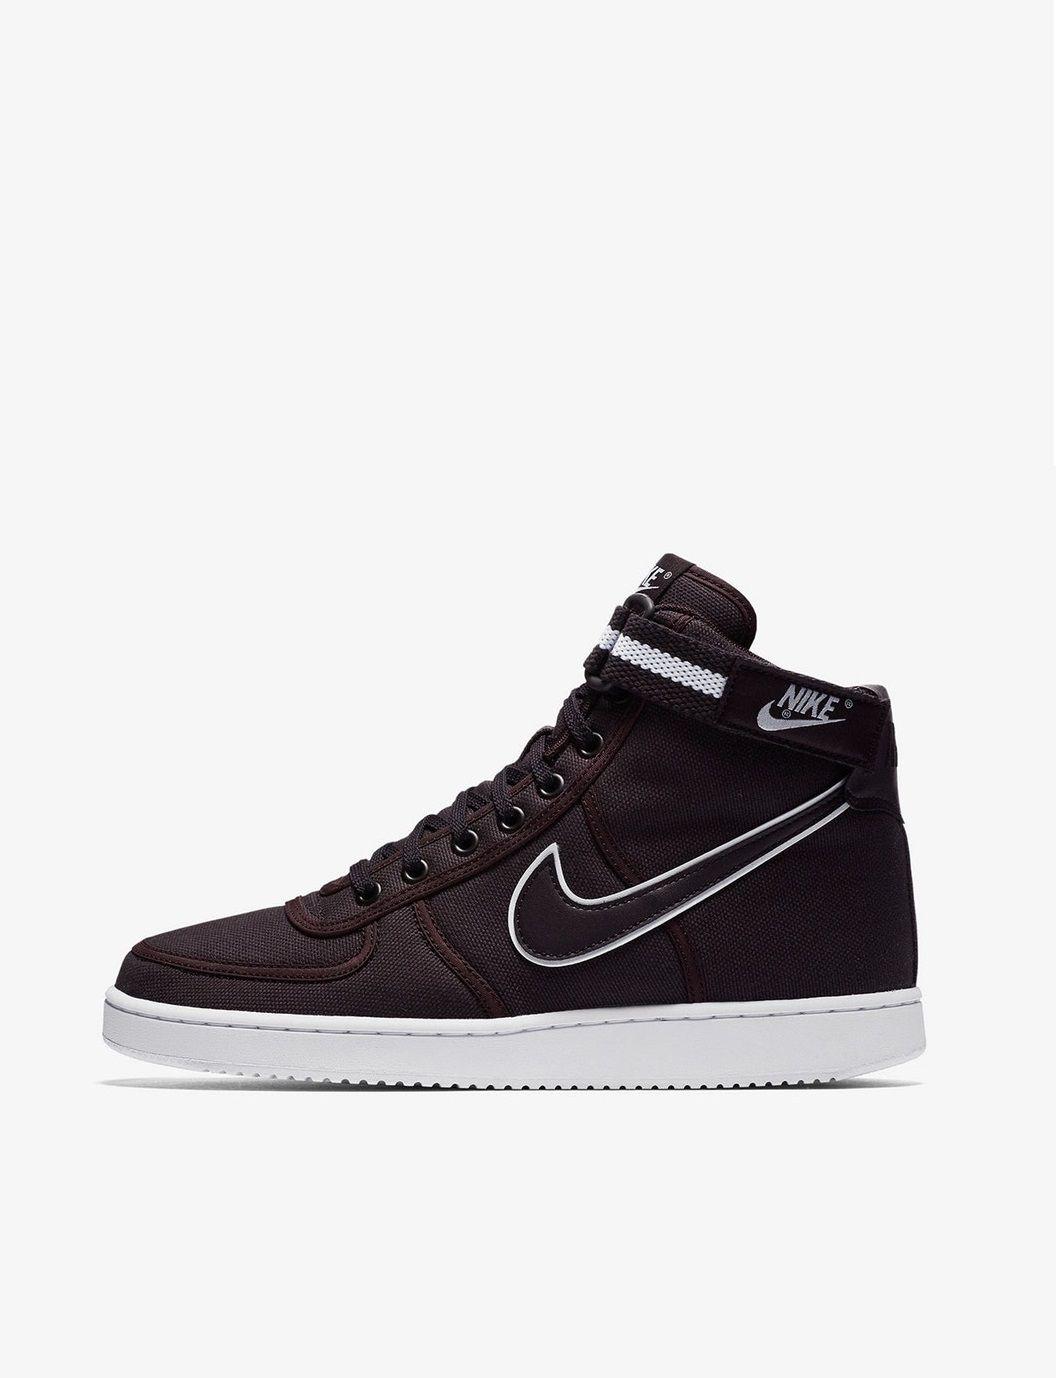 Hype shoes, Custom vans shoes, Sneakers